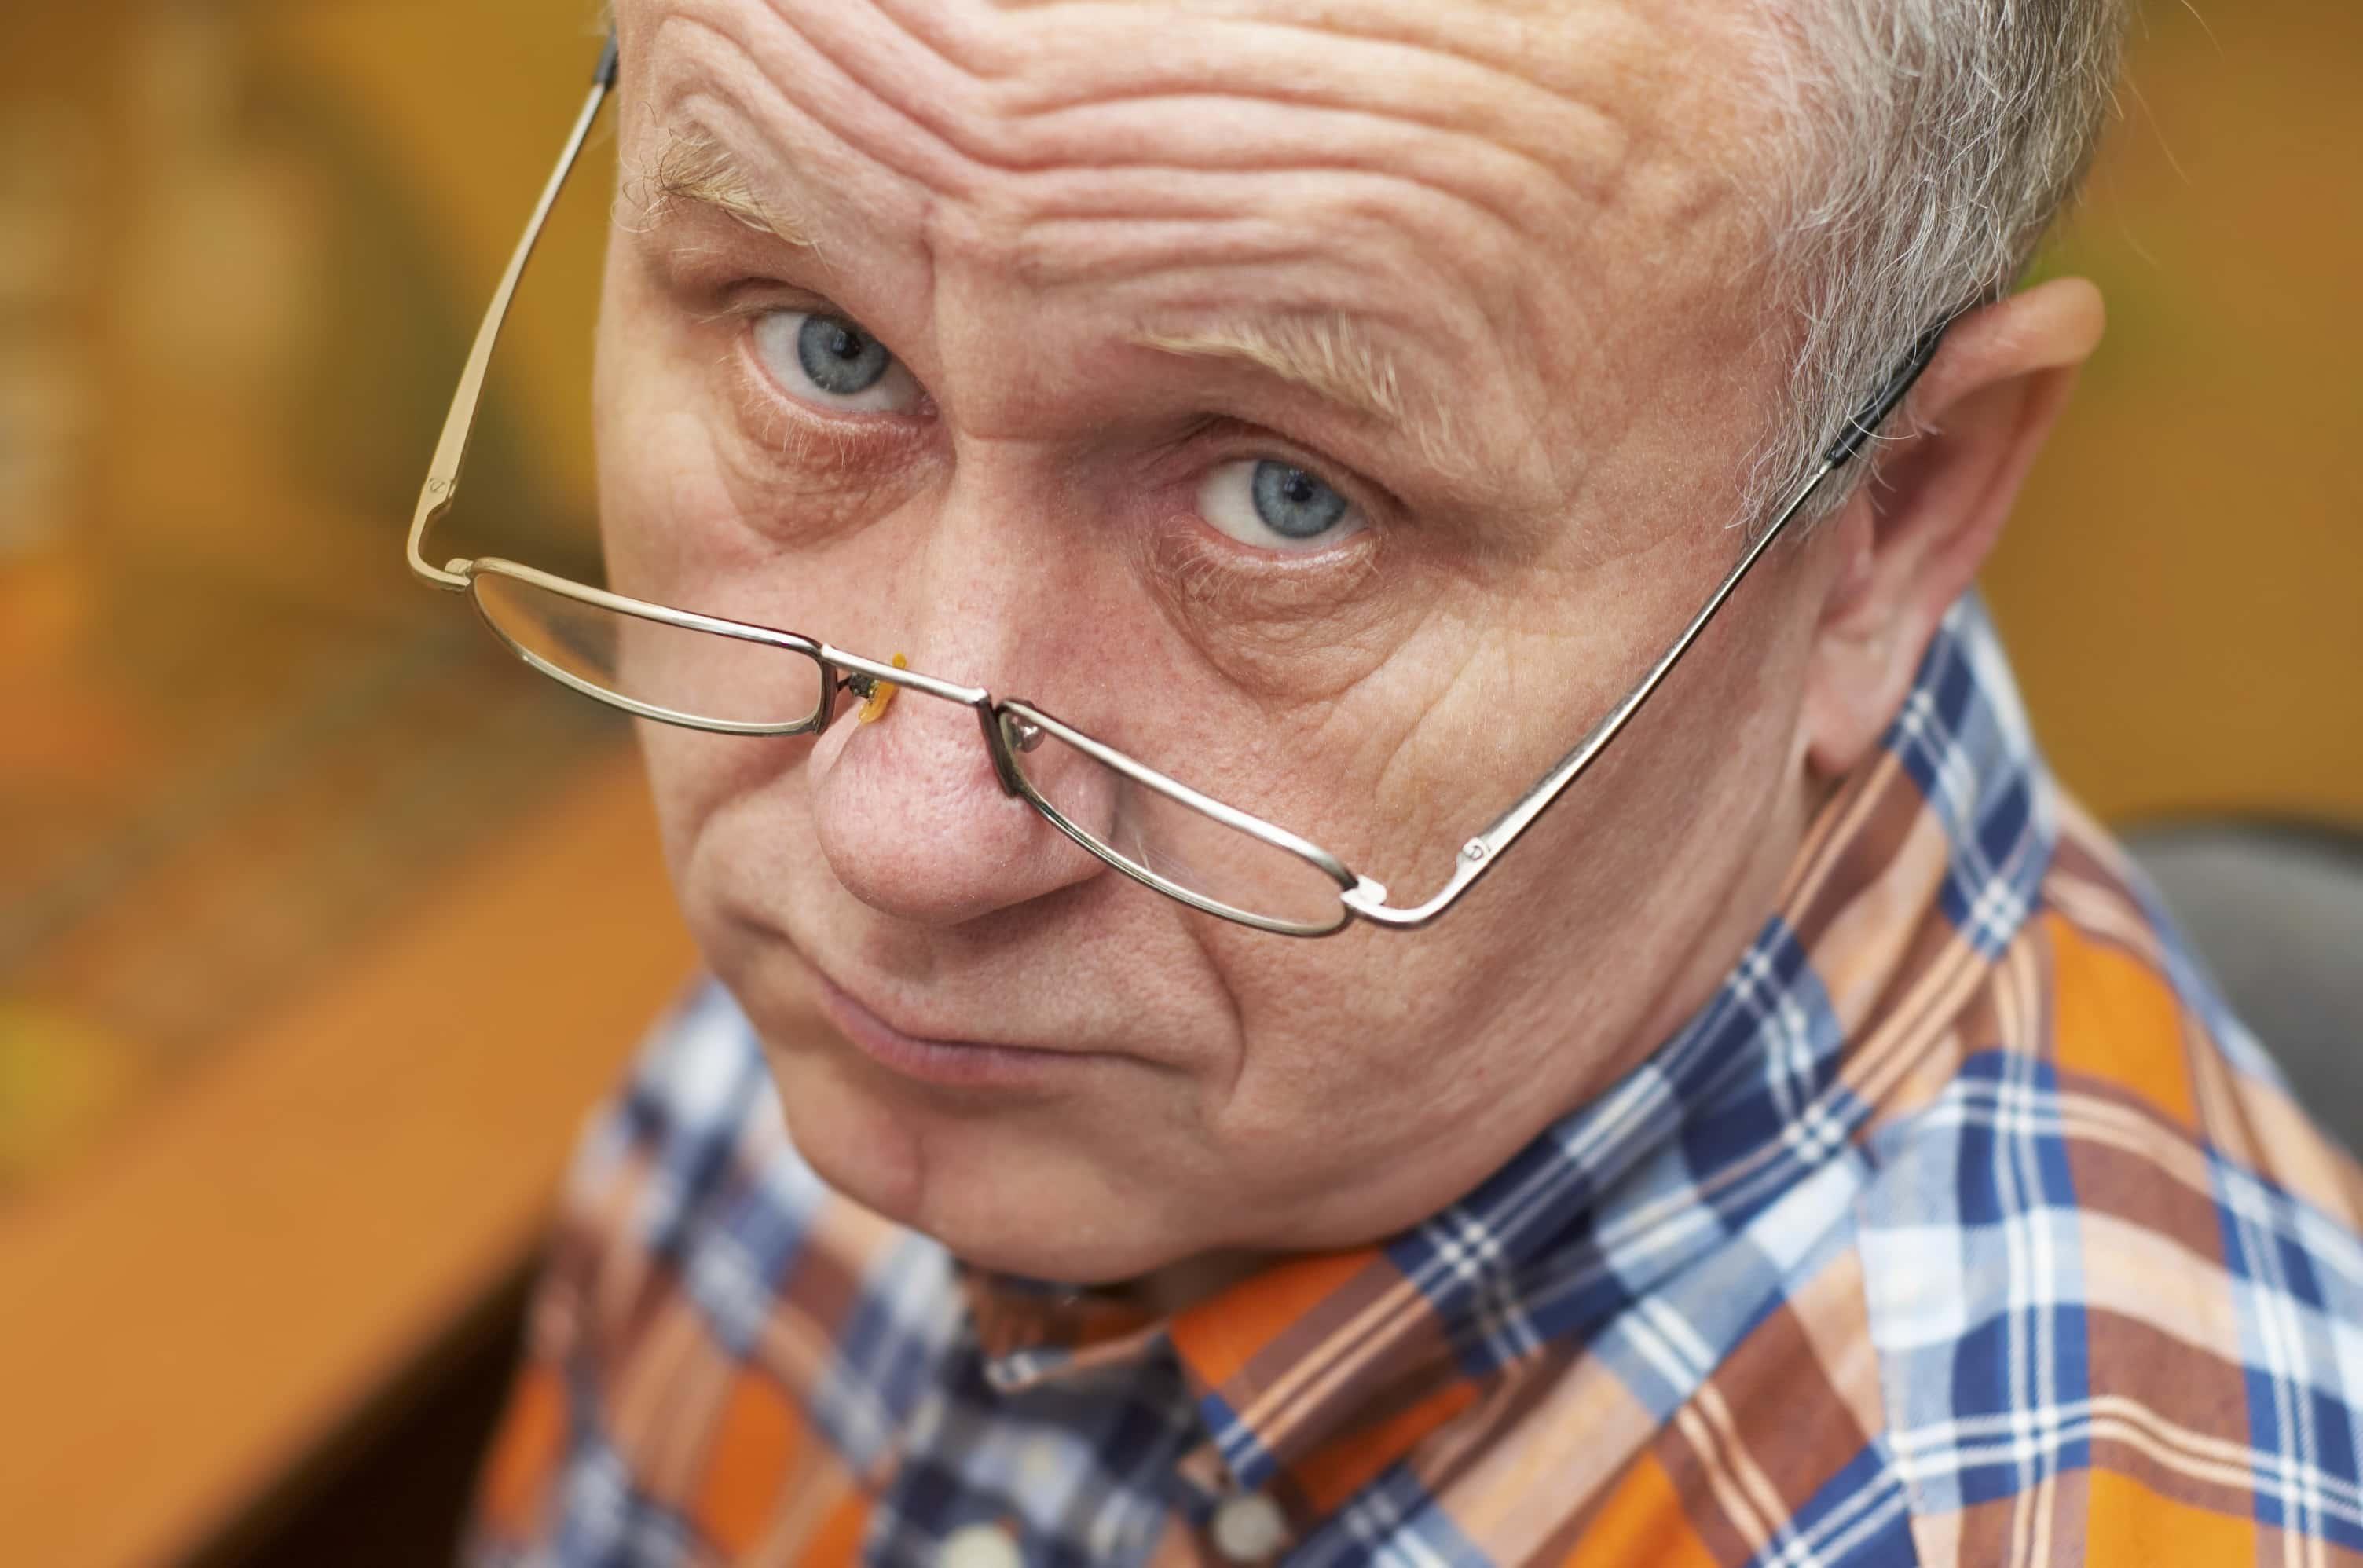 Пожилые люди оказались менее склонны к осознанию своих ошибок